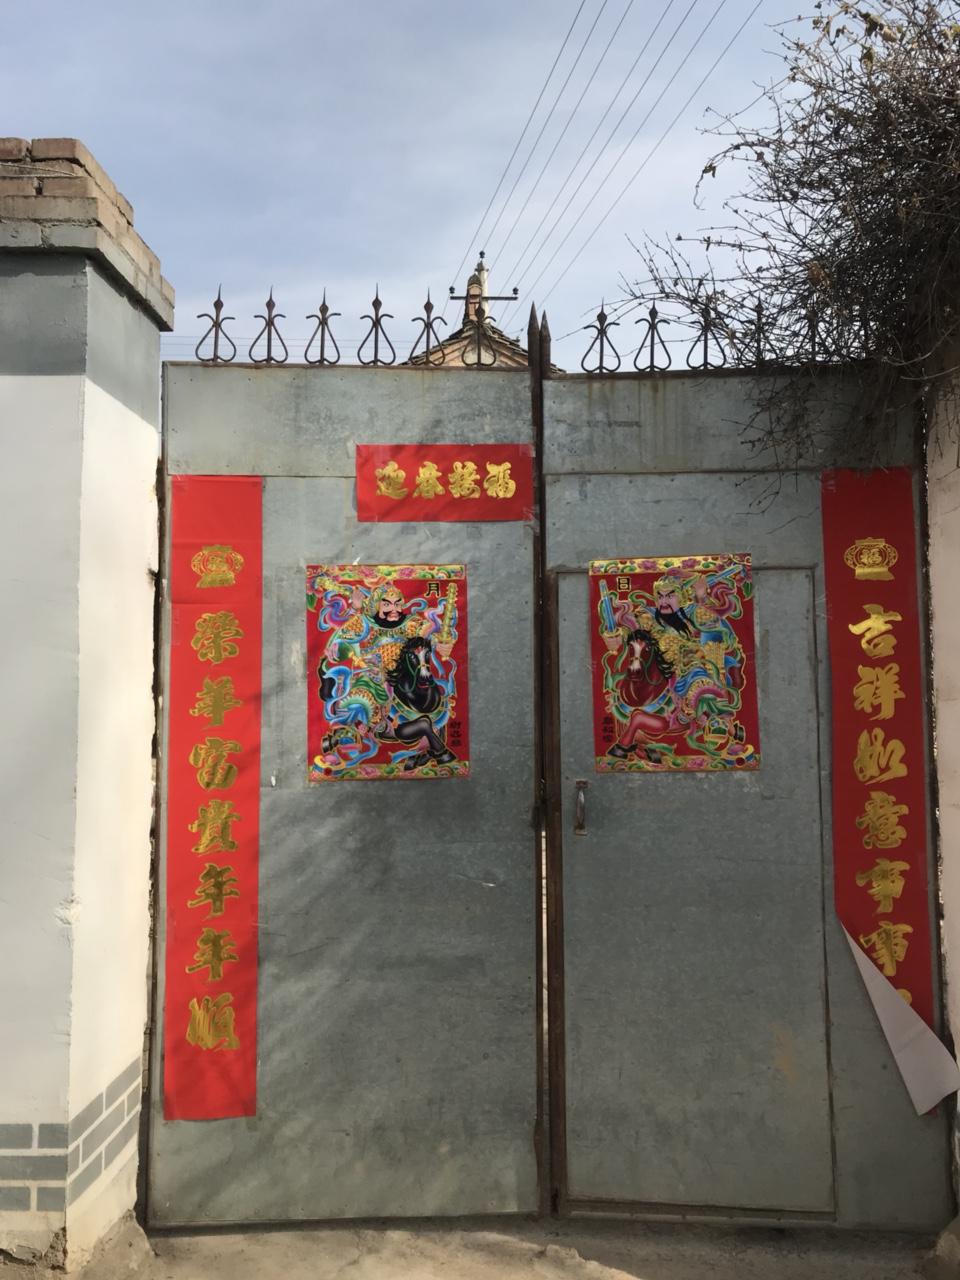 【欢乐过大年】西川村汪家新庄浓浓的年味